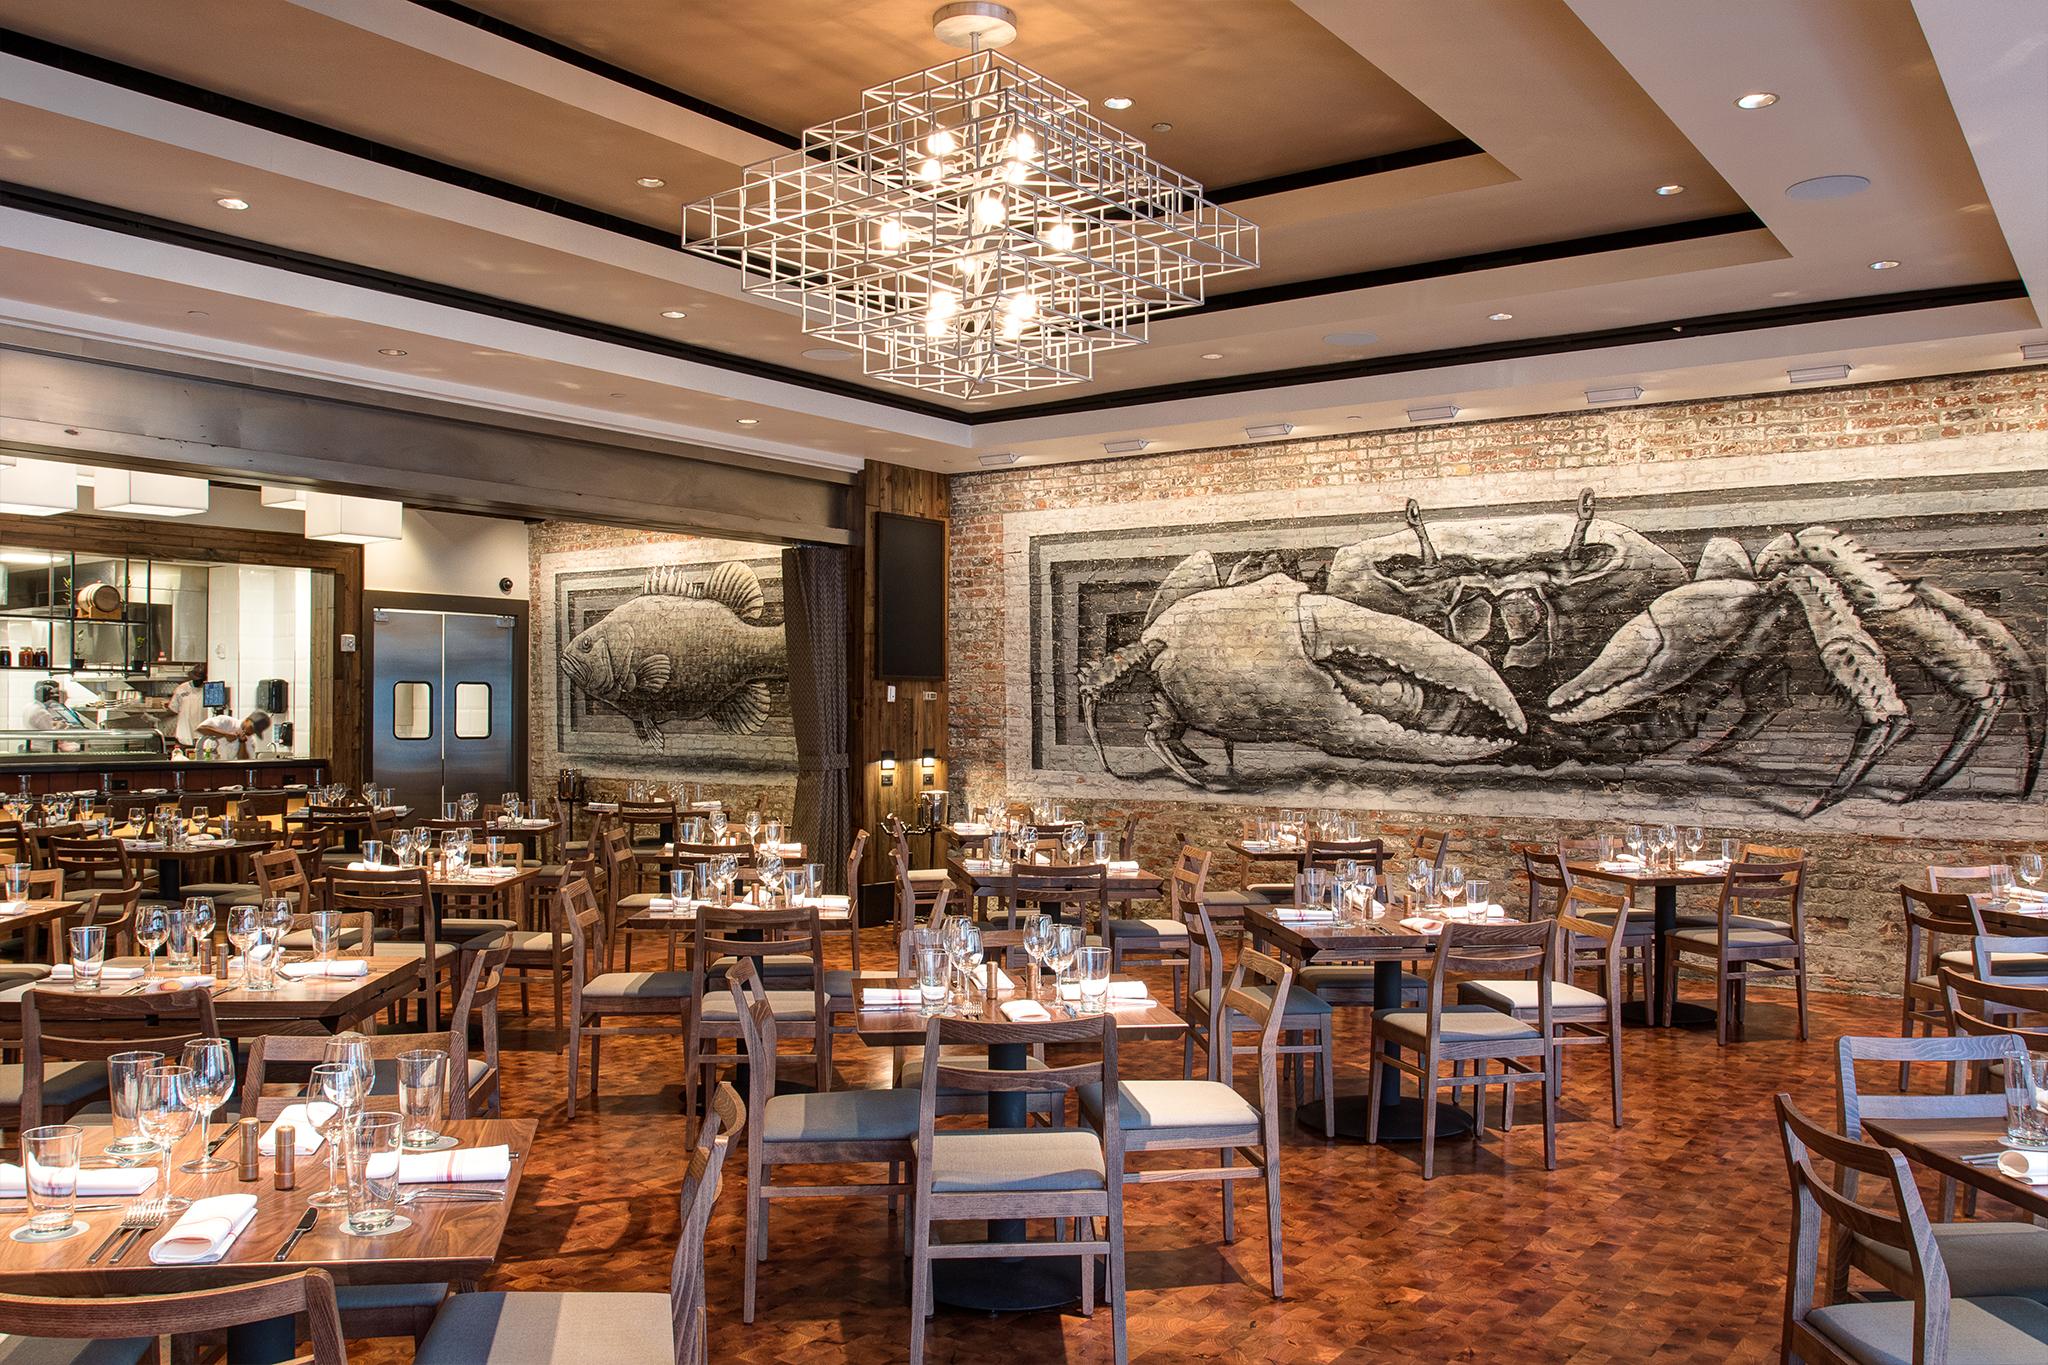 Meril Emeril S Restaurants